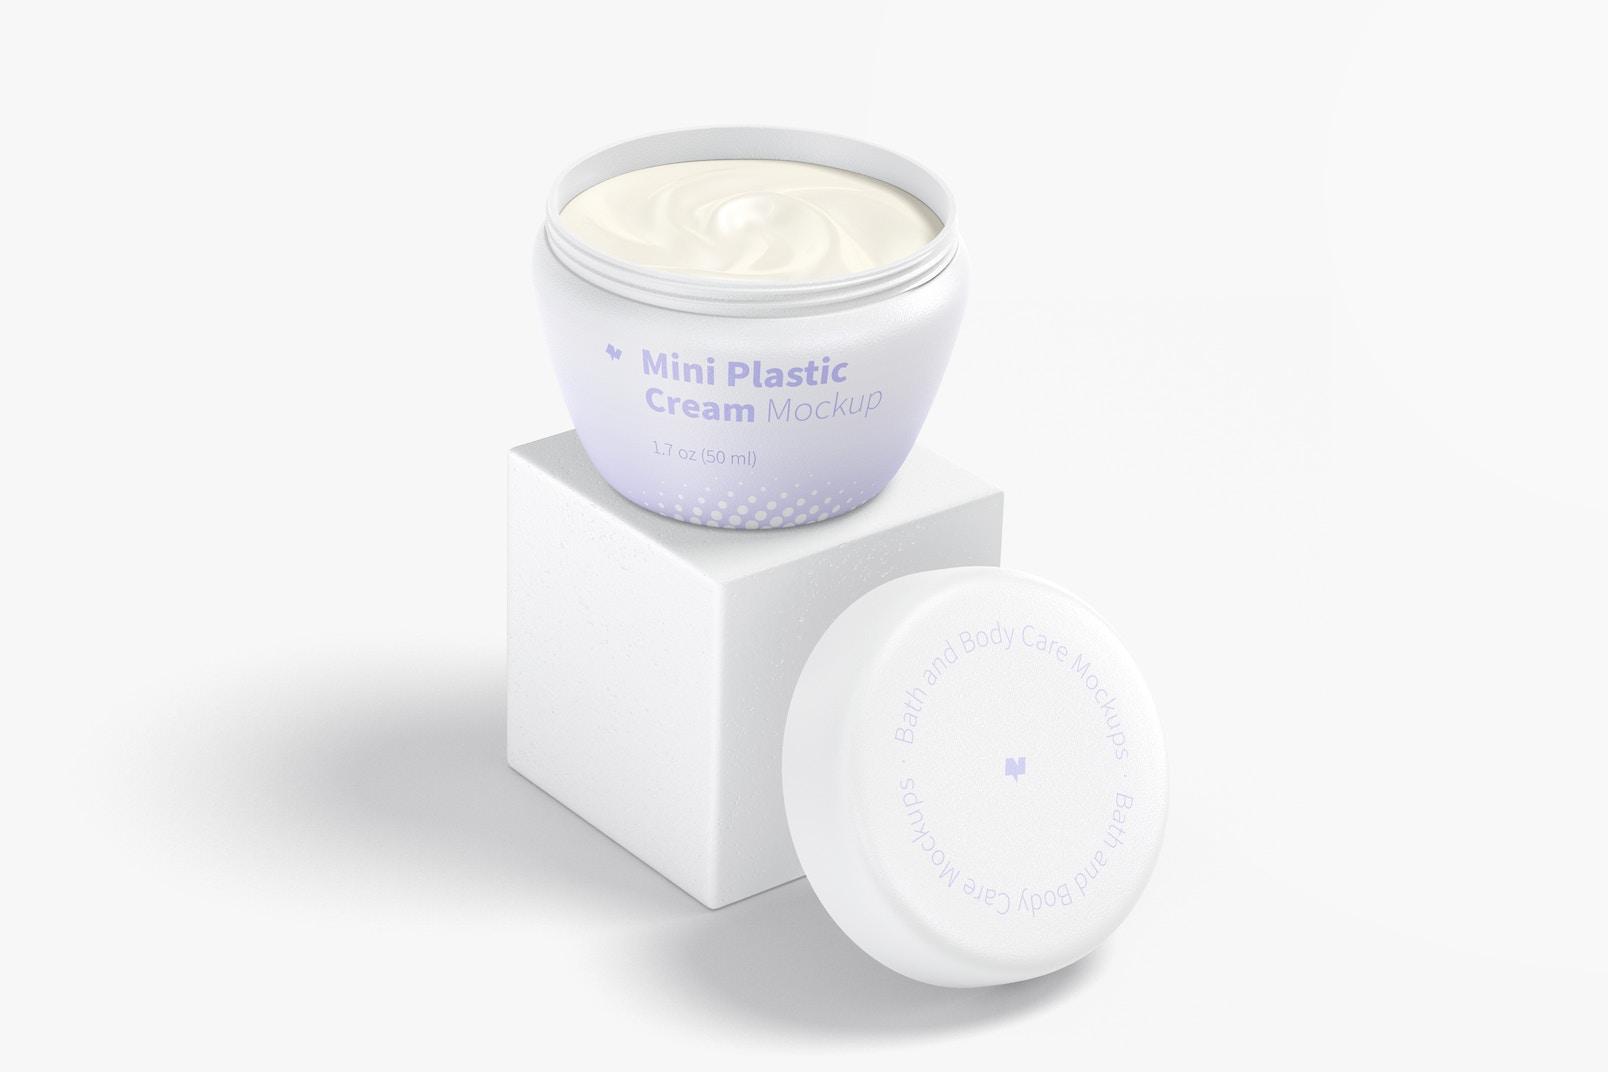 Mini Plastic Cream Jar with Lid Mockup